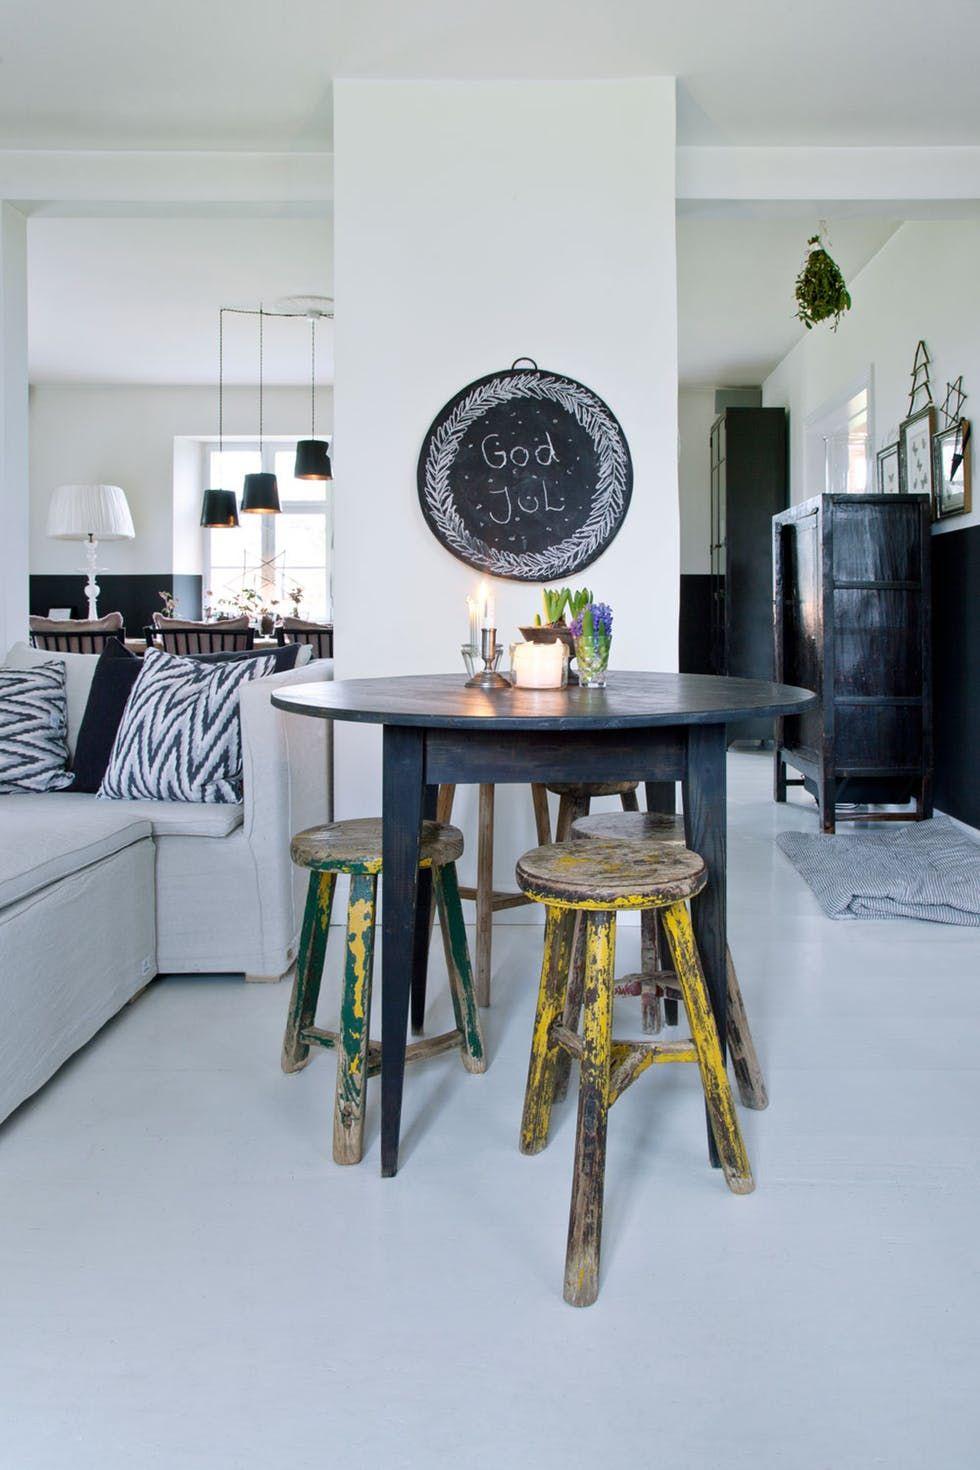 En casa con el empresario interior Tine Kjeldsen en Fyn, vivir